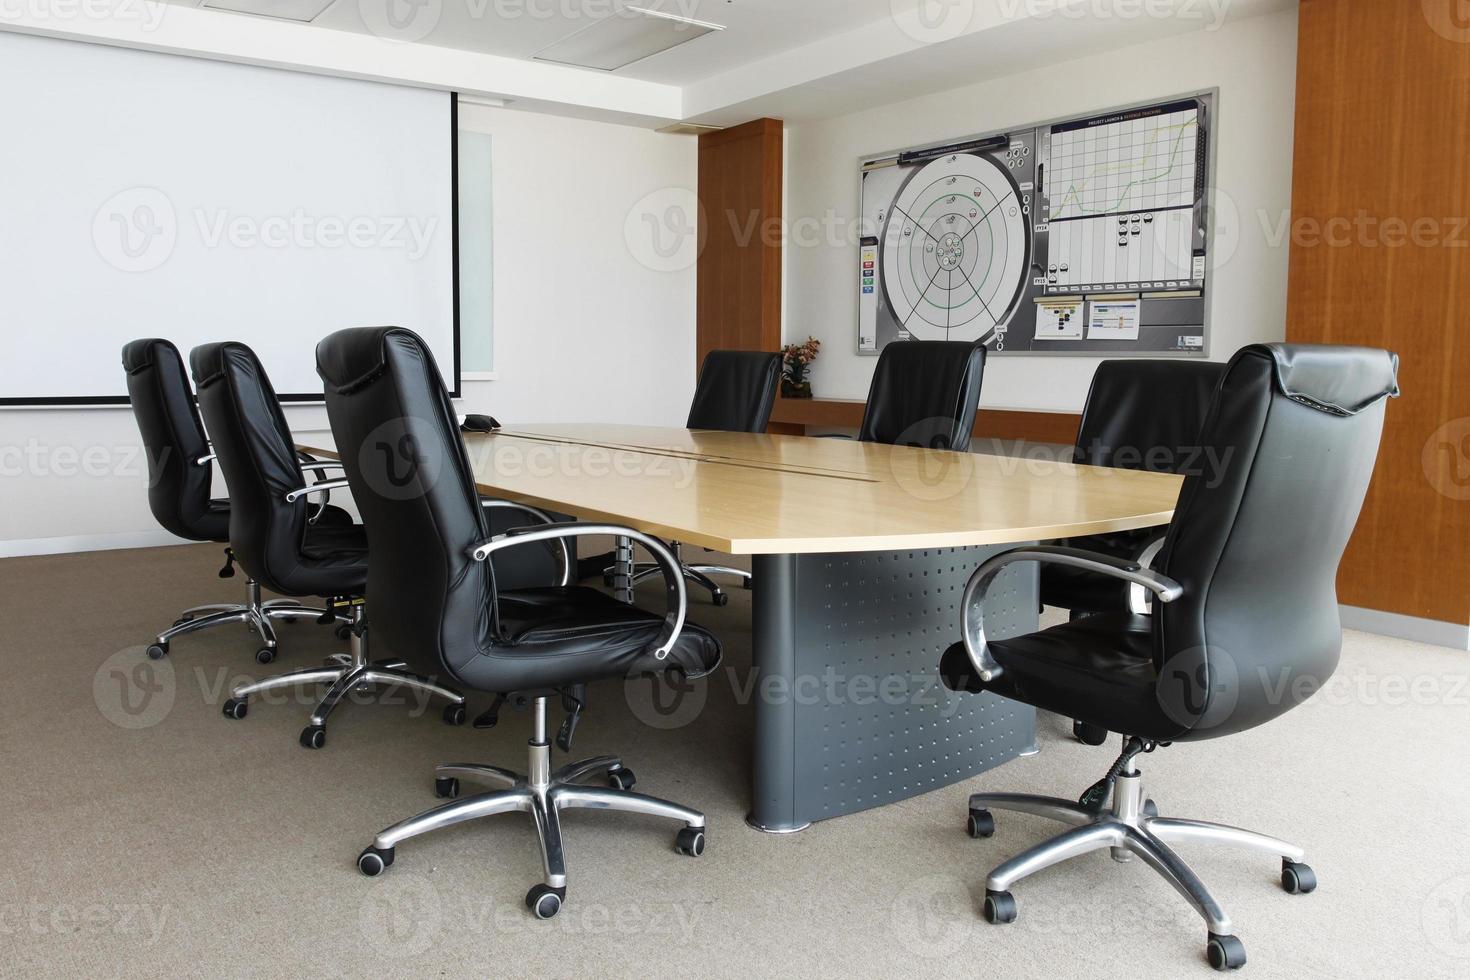 pequeña sala de reuniones foto